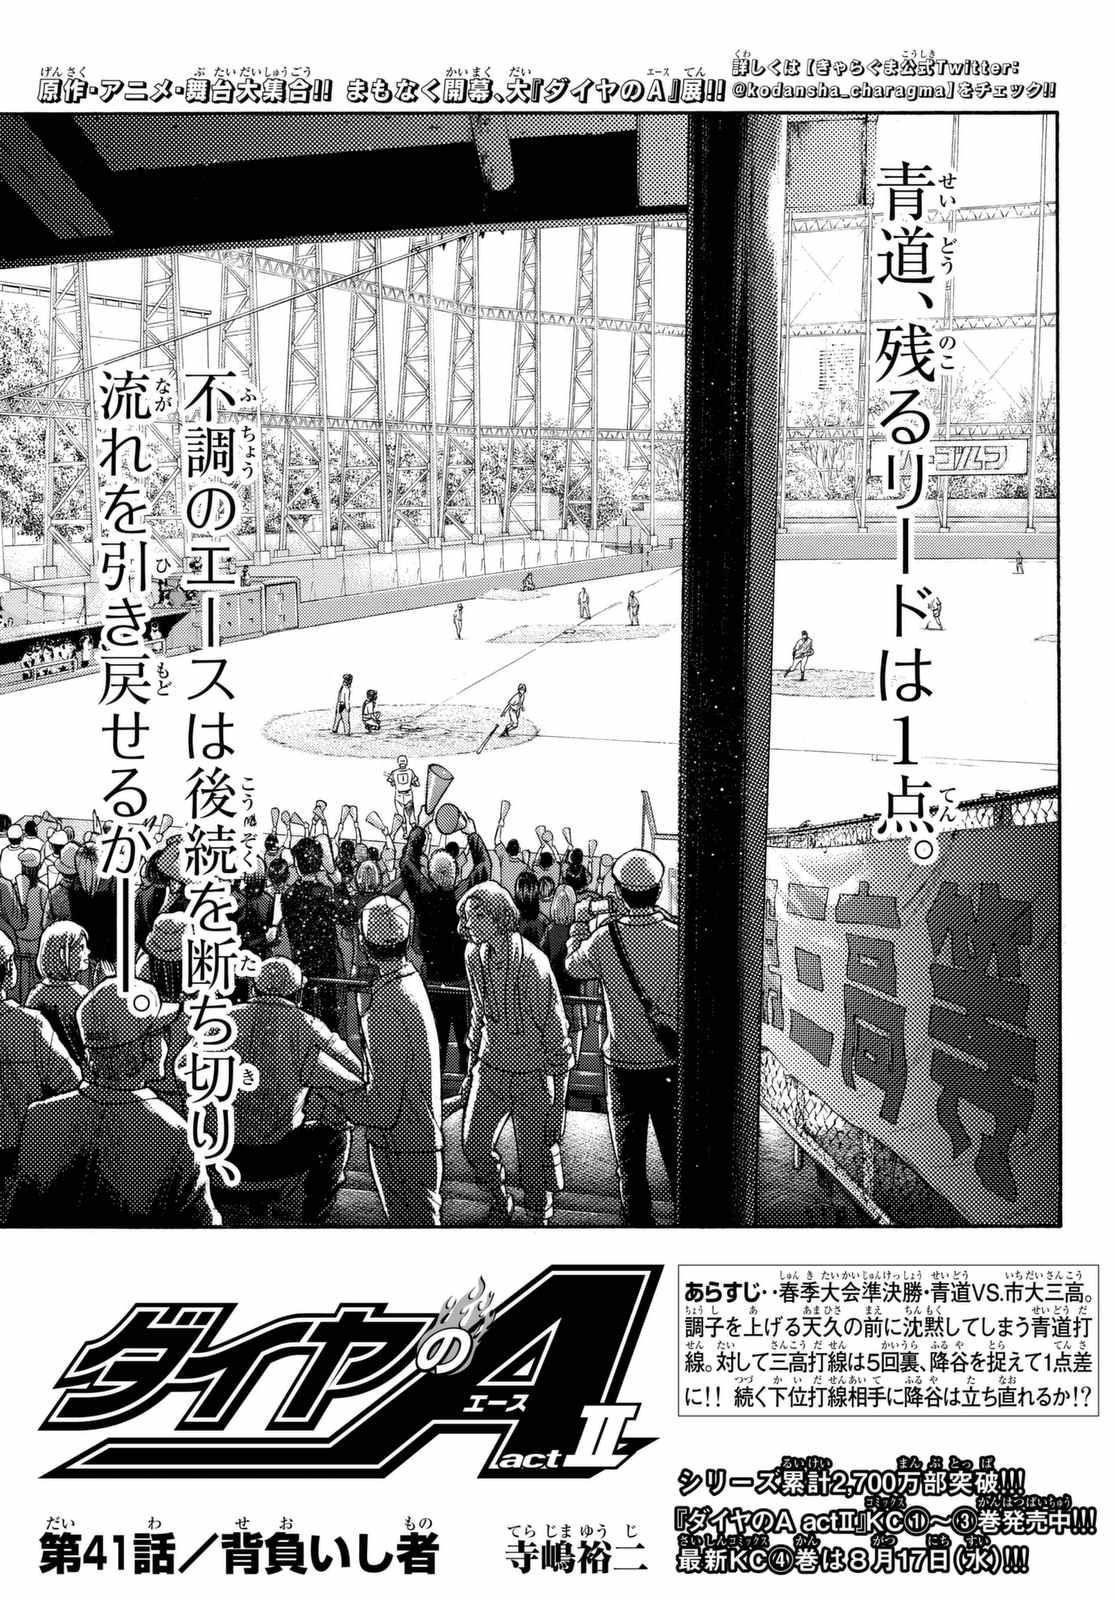 Daiya no A Act II - Chapter 041 - Page 1